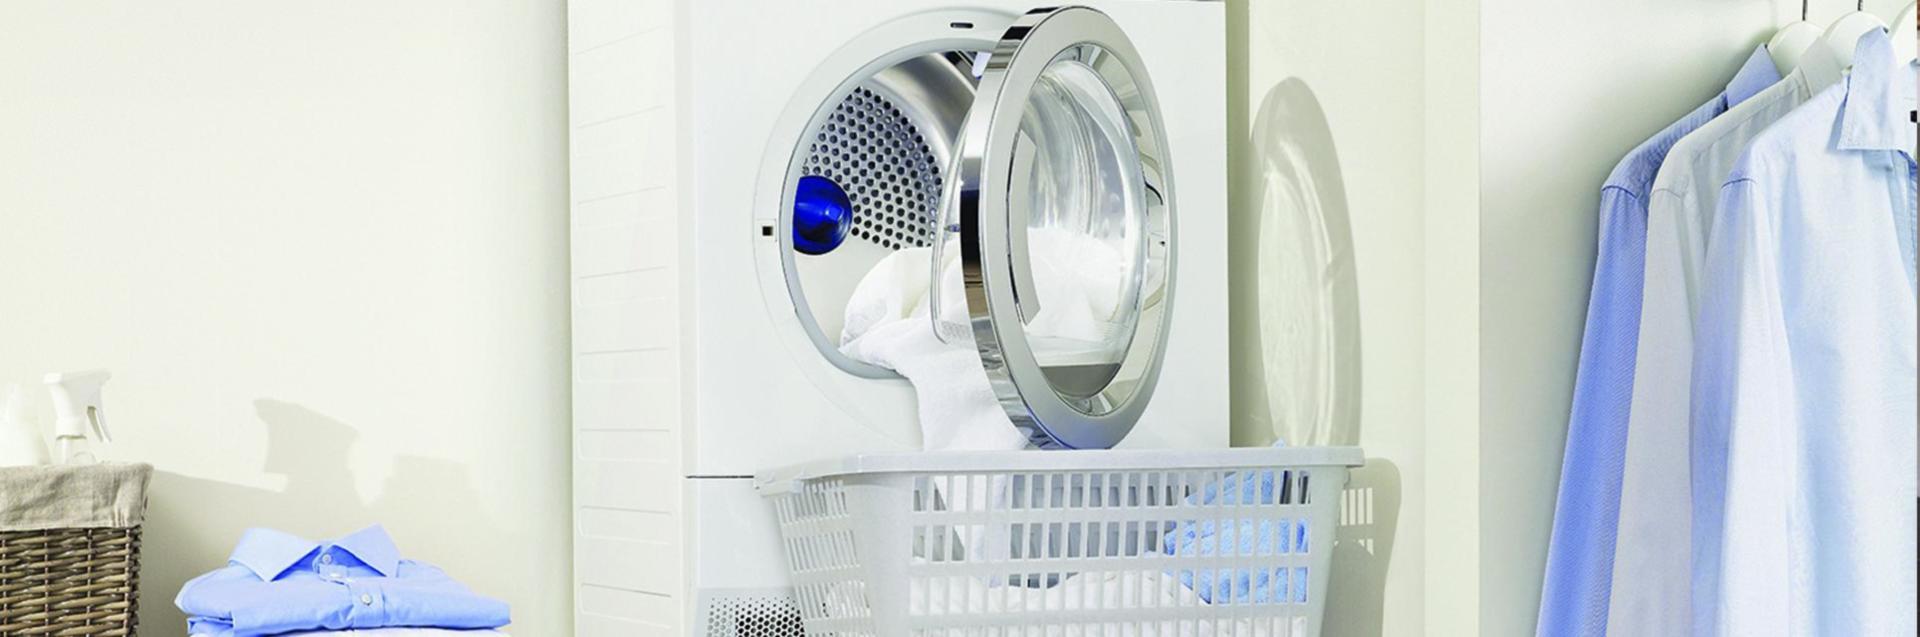 Servicio técnico secadoras indesit